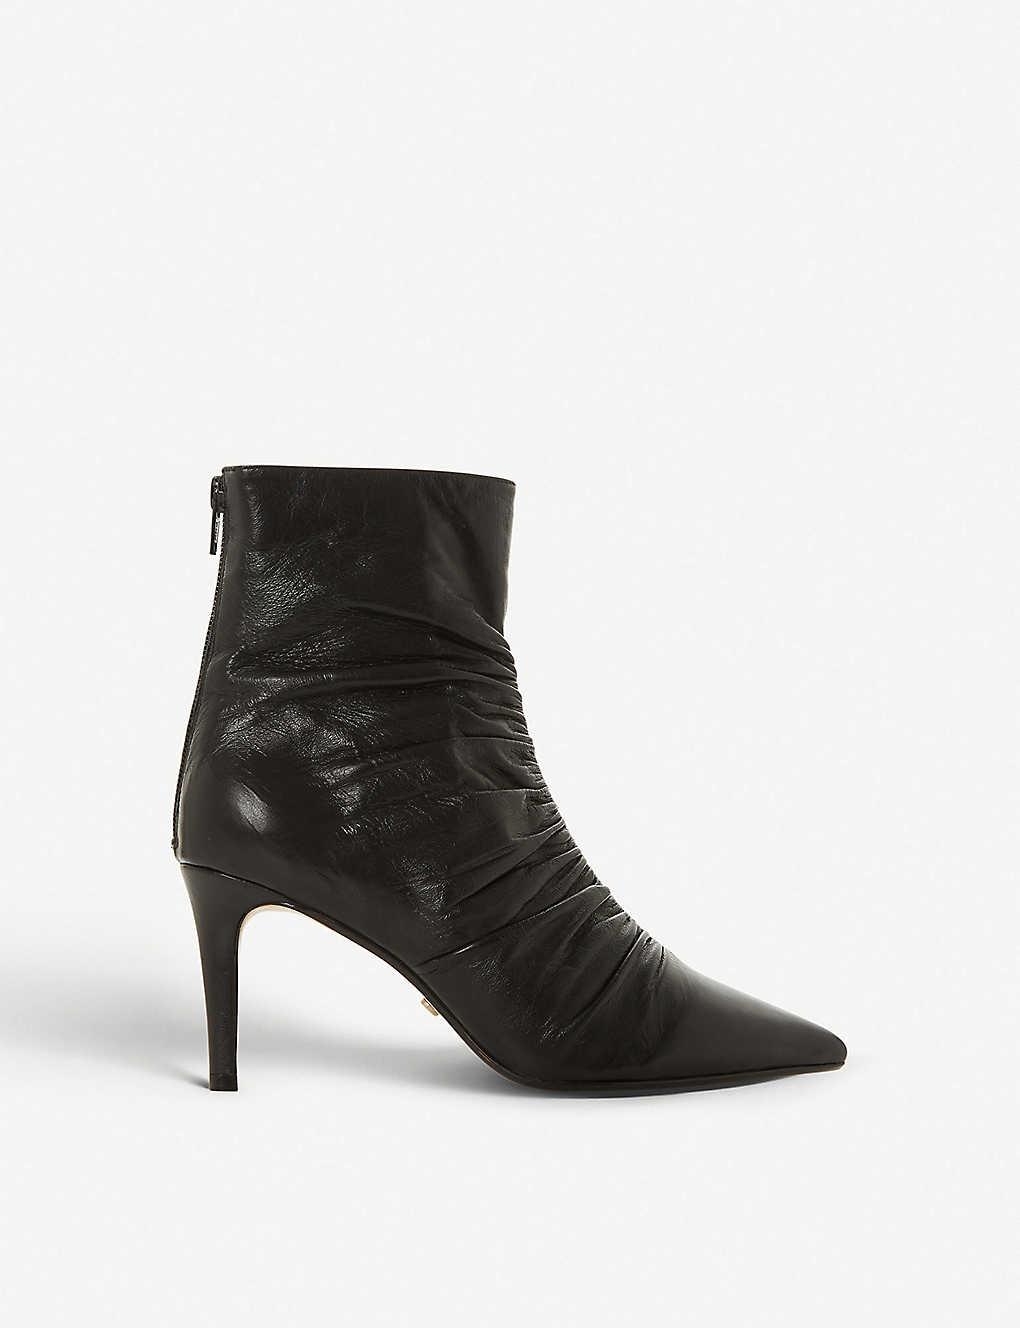 78d17c30cfa8 DUNE - Oasis leather ankle boots | Selfridges.com